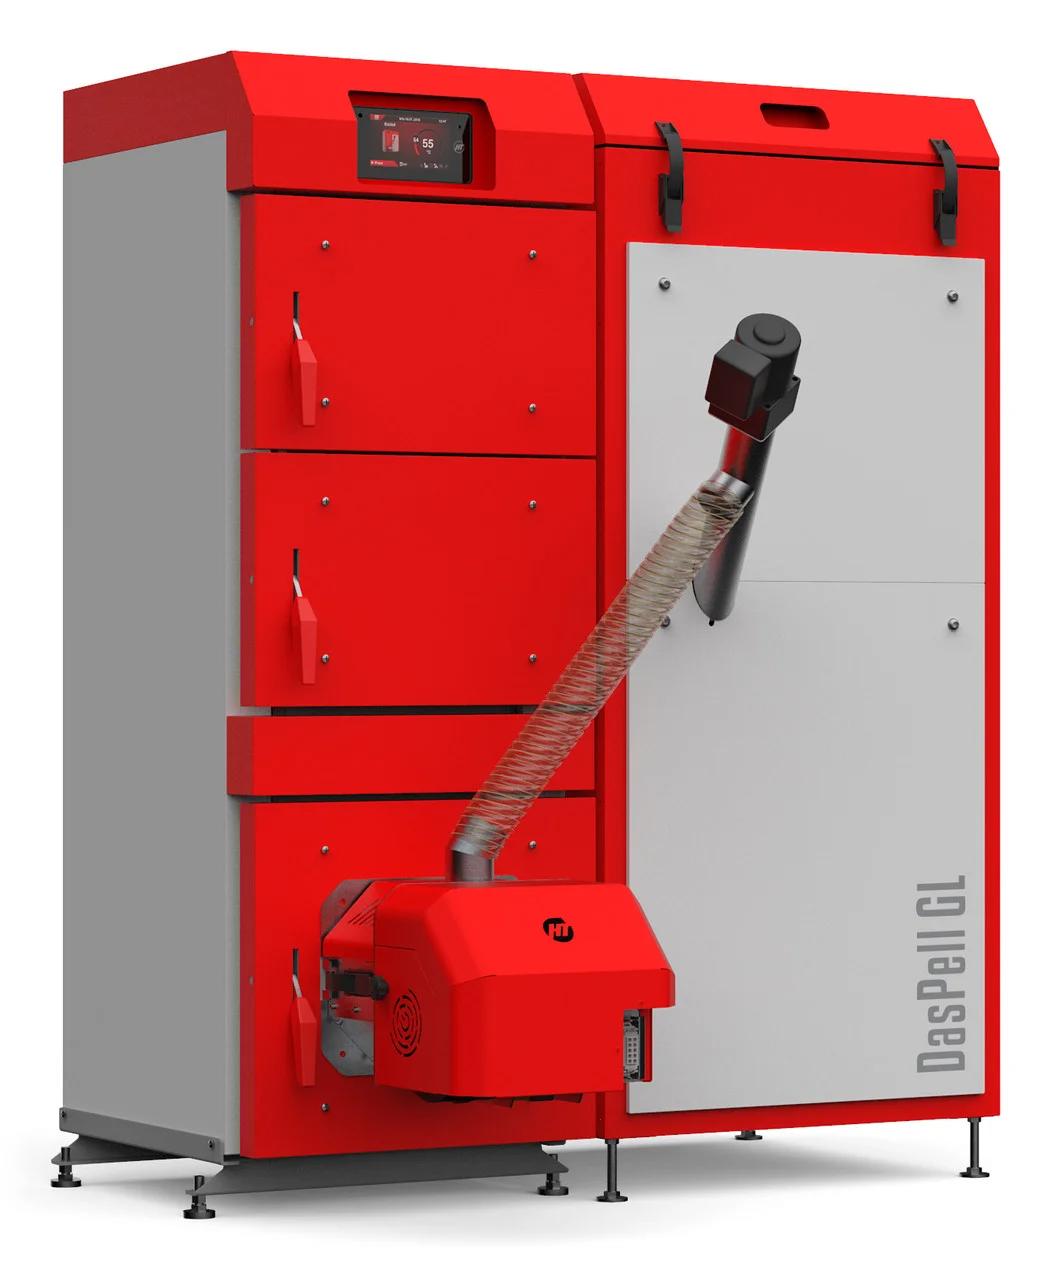 Пеллетный котел Heiztechnik HT DasPell GL 12 кВт с автоподачей топлива и погодозависимой автоматикой